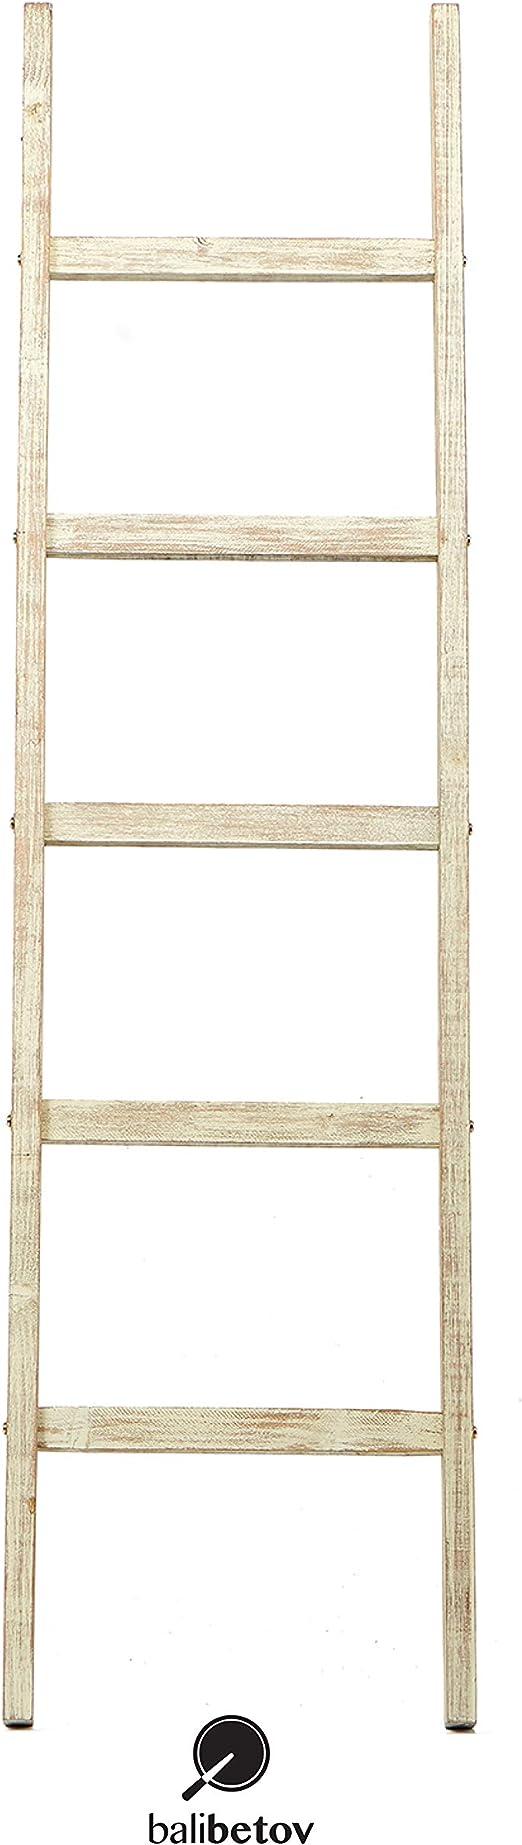 BALIBETOV Escalera Decorativa Rustica-Toallero y Sostenedor de Mantas-Decoración del baño y del Dormitorio-Estante de Secado de Ropa de Madera-Estante Blanco-Escalera Estantería (Beige Rustico, 122): Amazon.es: Hogar